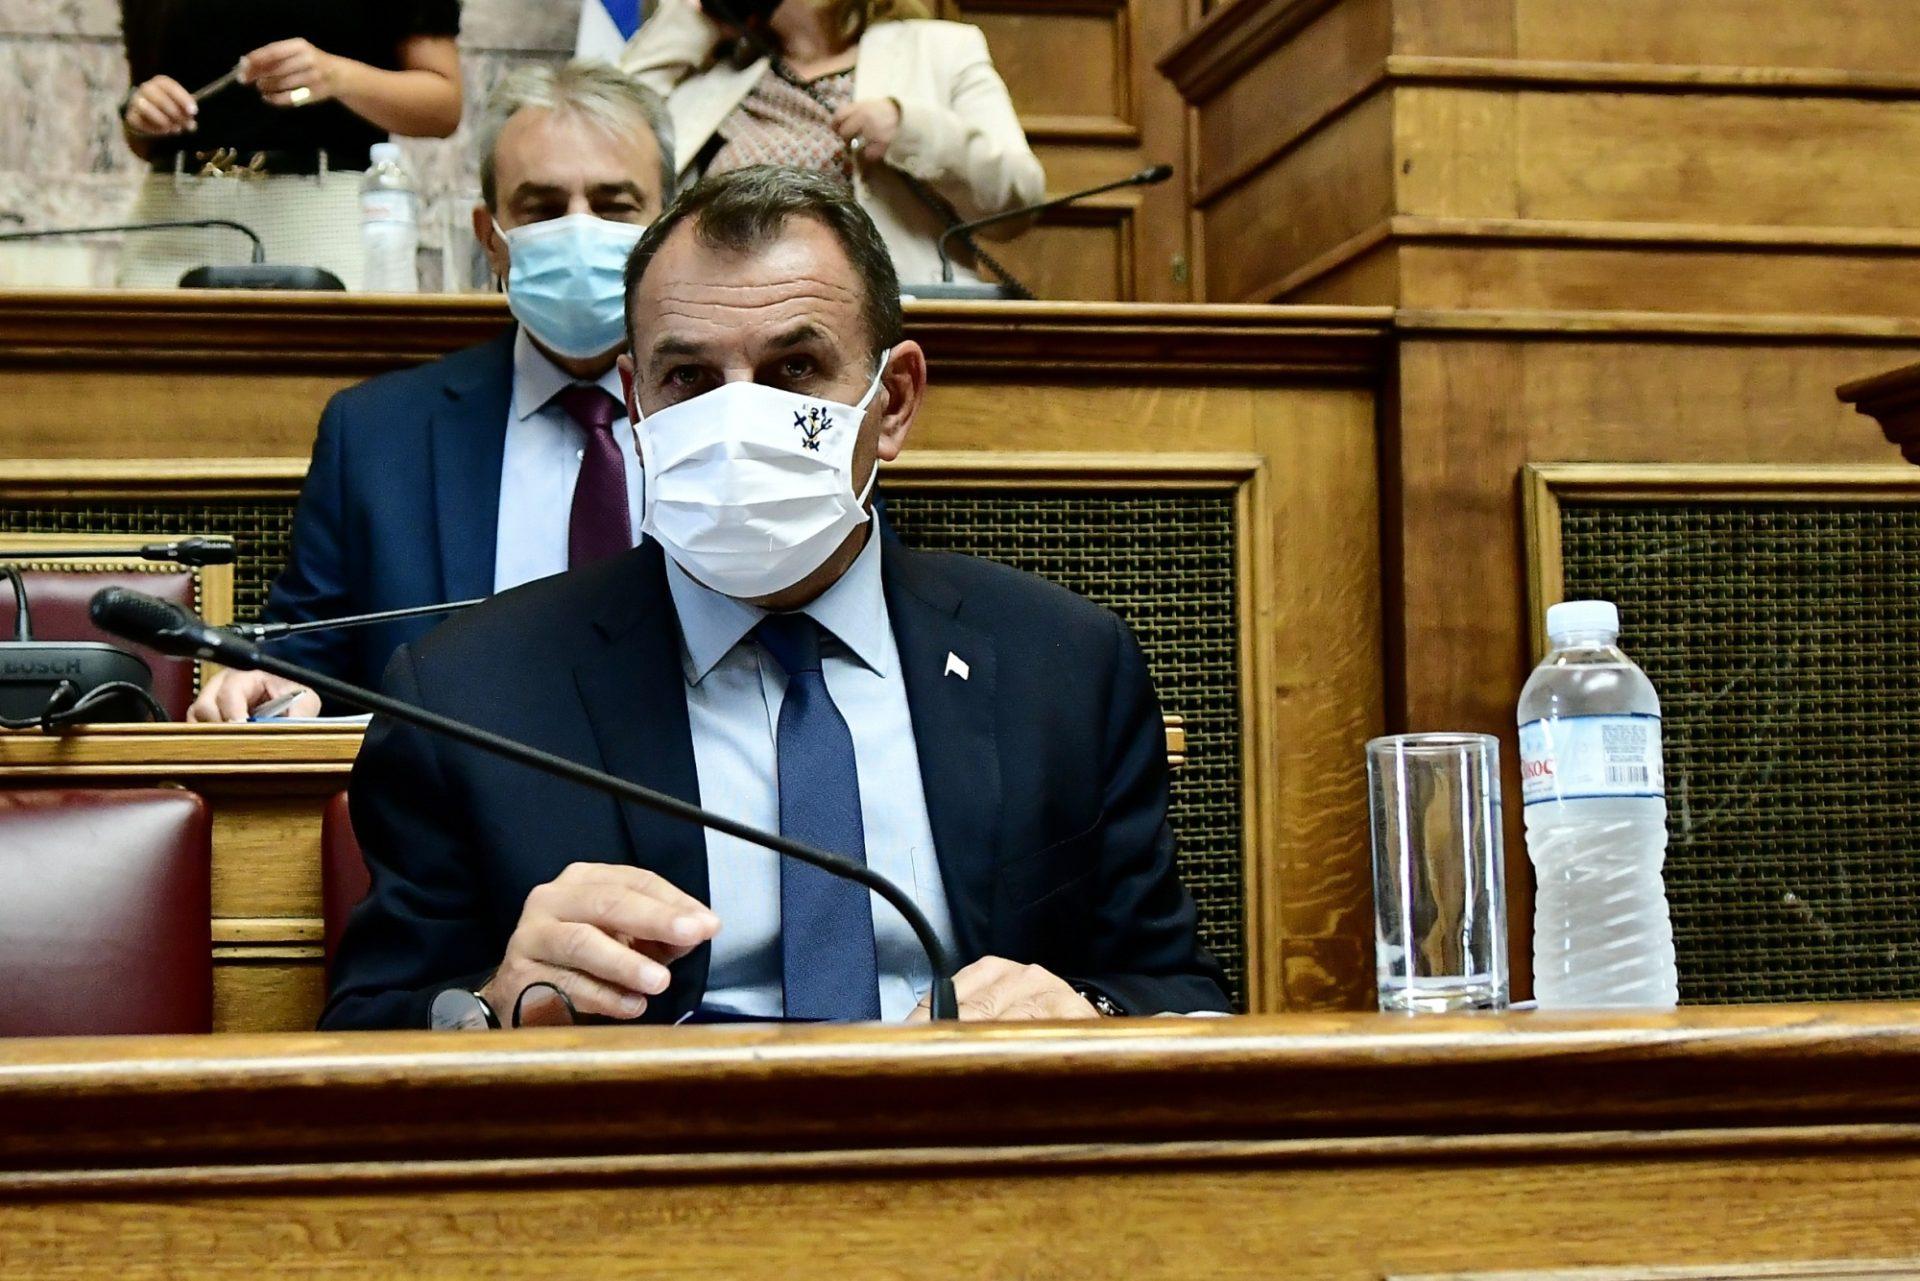 Ενημέρωση Παναγιωτόπουλου στην Επιτροπή Εξοπλιστικών Προγραμμάτων & Συμβάσεων της Βουλής